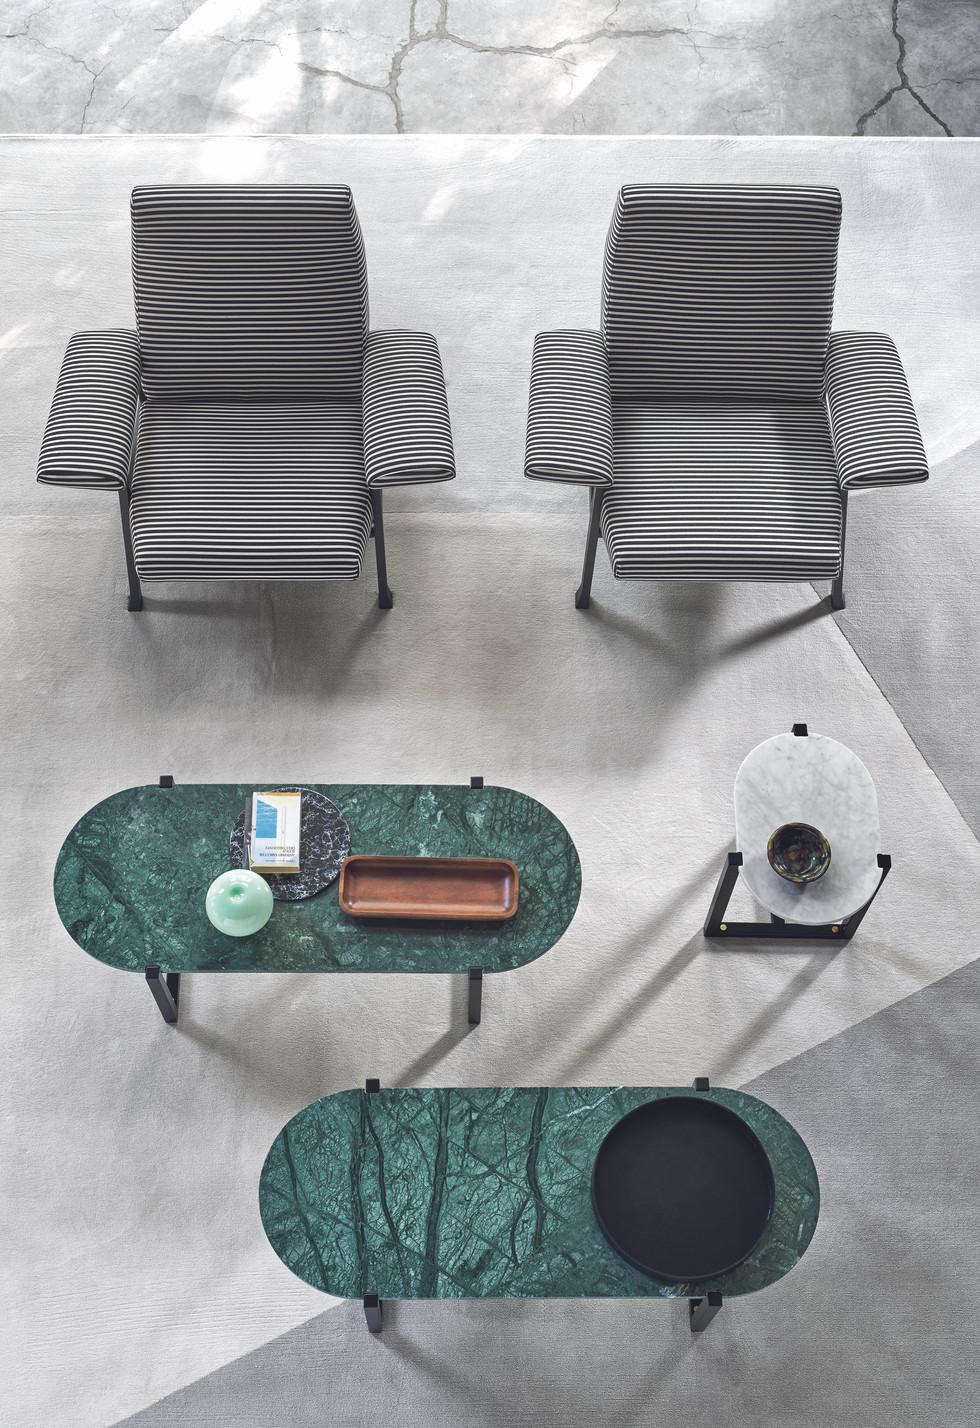 arflex-sigmund-design-studio-asai_ambj